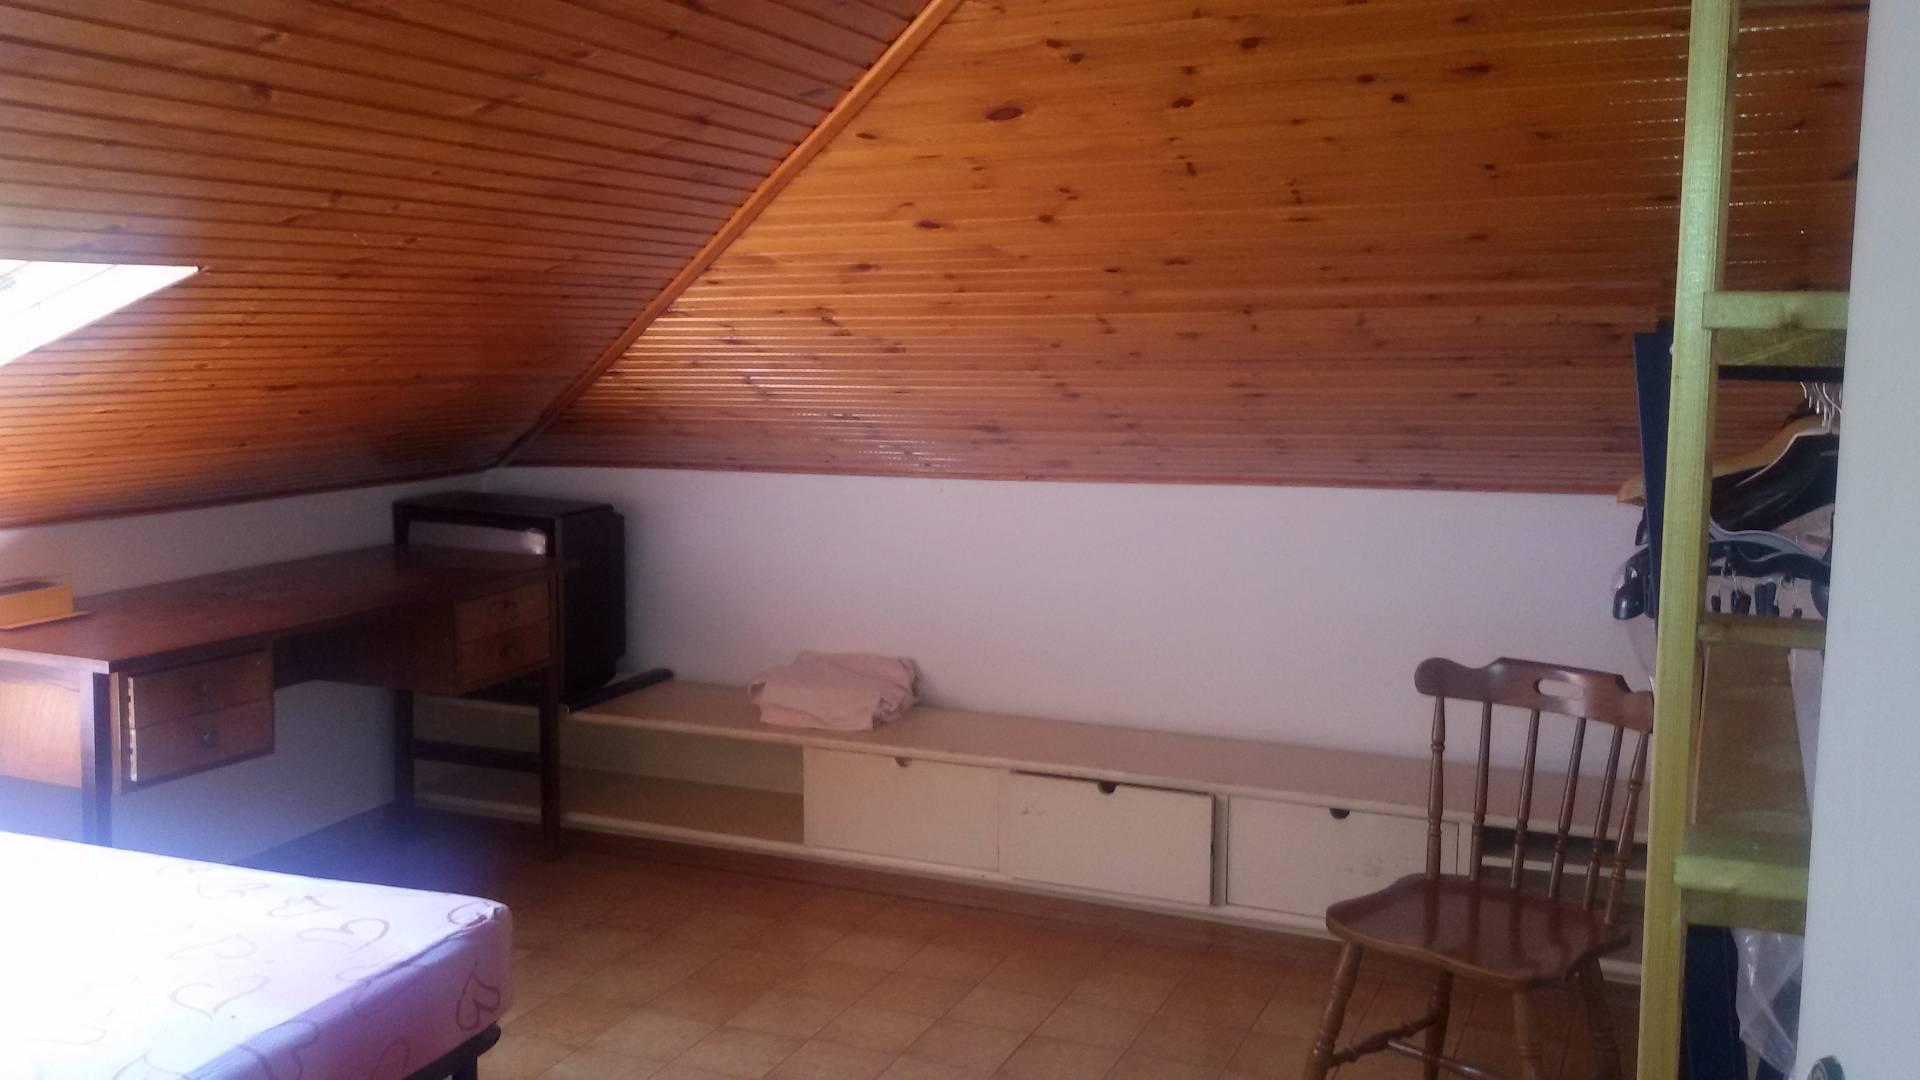 Attico / Mansarda in affitto a Baronissi, 3 locali, zona Zona: Orignano, prezzo € 290 | CambioCasa.it